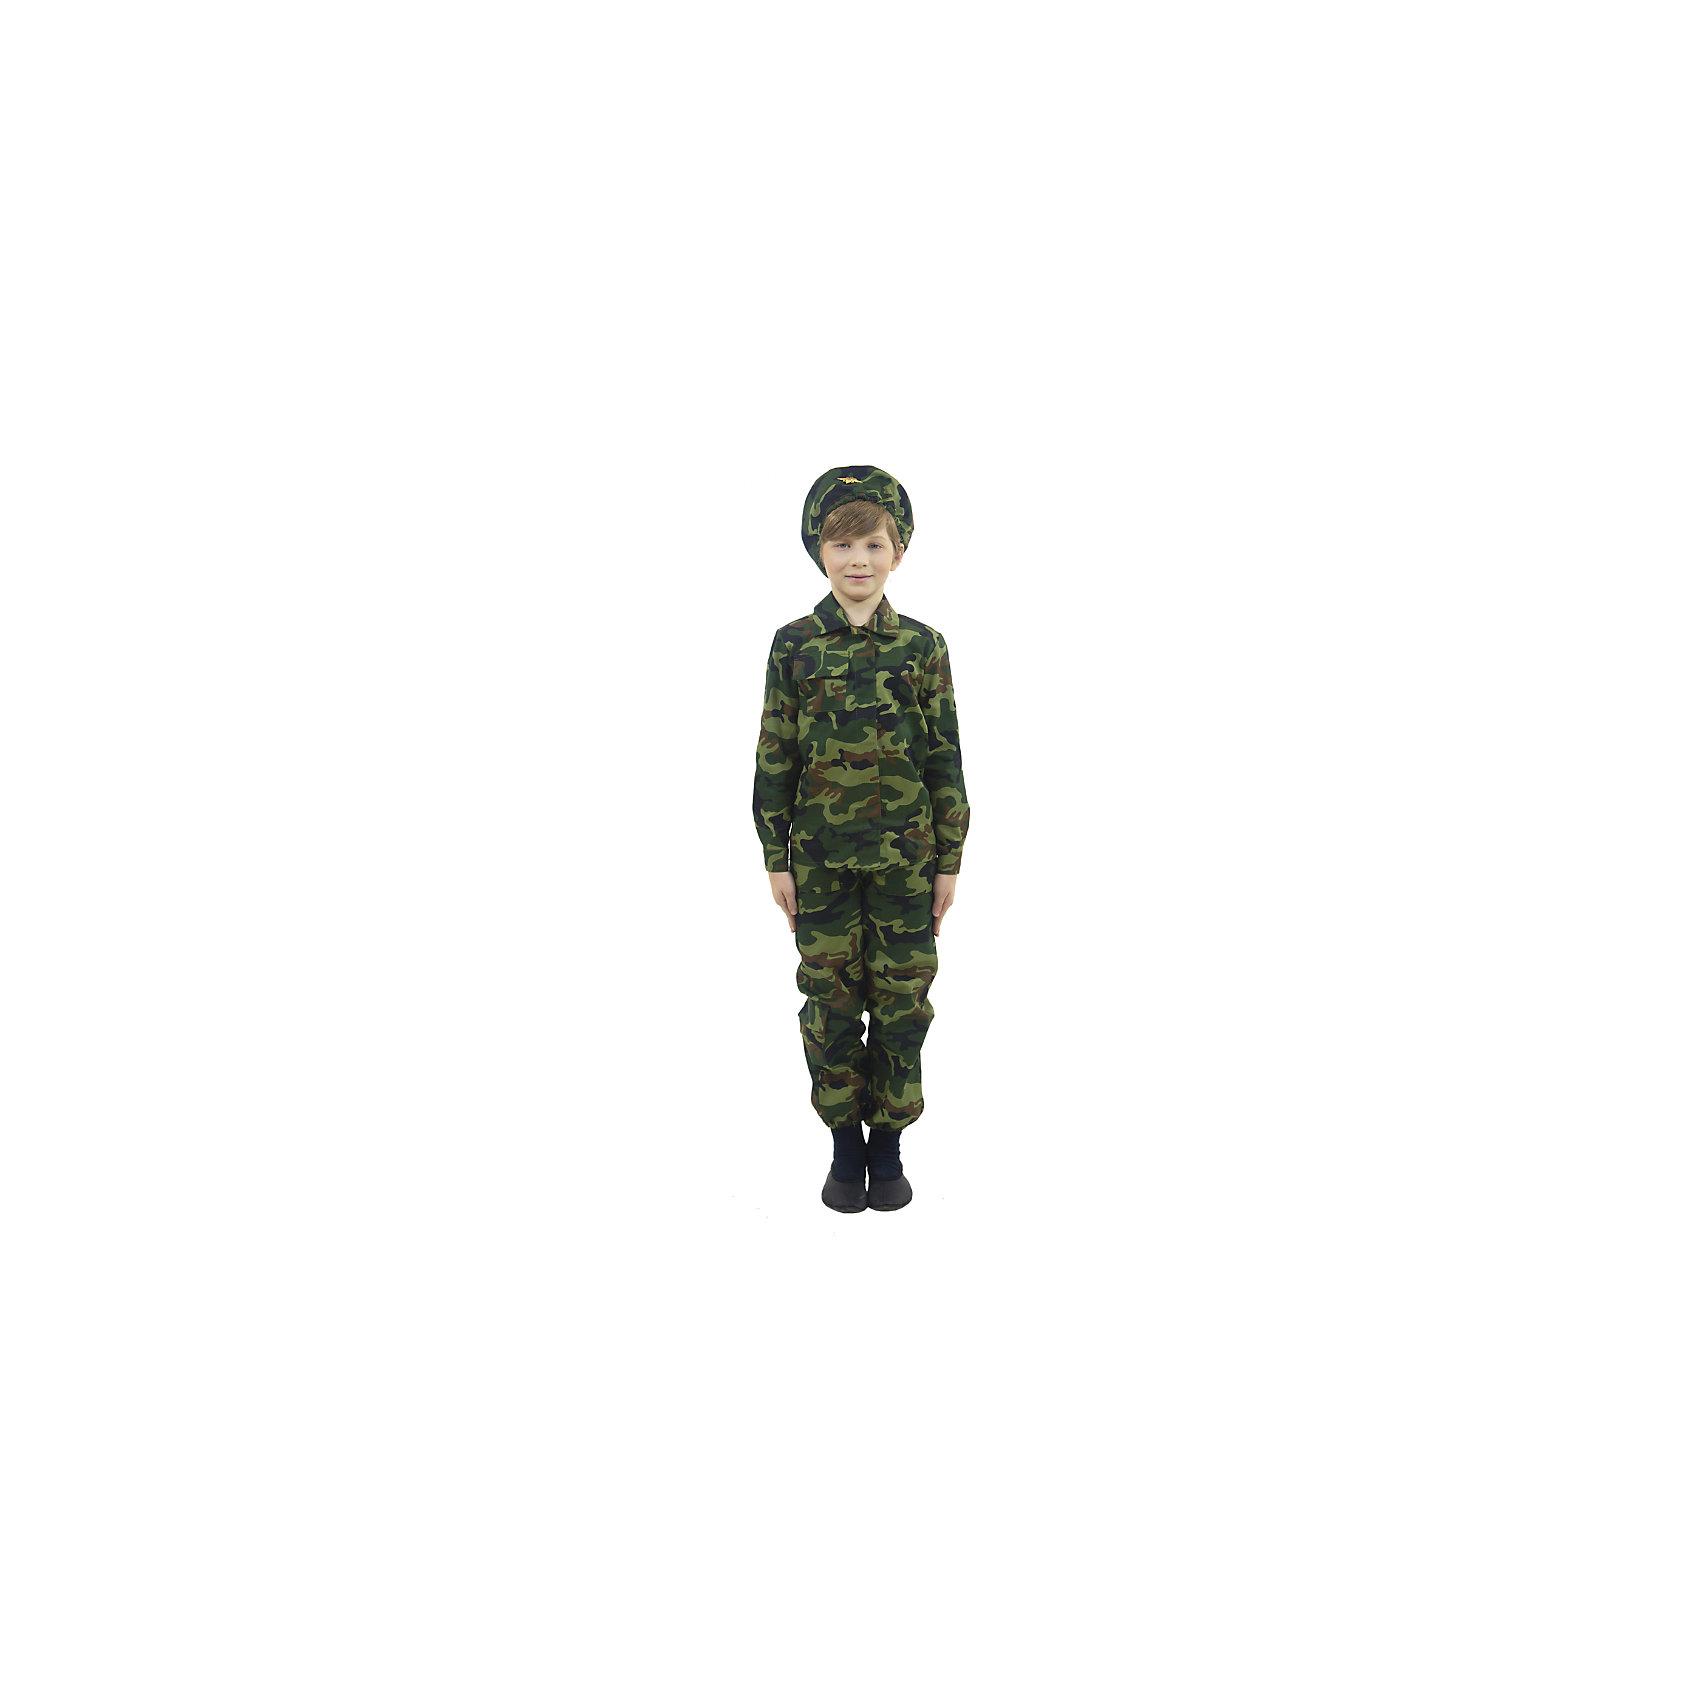 Карнавальный костюм Пограничник, ВестификаДля мальчиков<br>Куртка<br>Брюки с карманами<br>Берет<br><br>Ширина мм: 200<br>Глубина мм: 200<br>Высота мм: 100<br>Вес г: 300<br>Цвет: зеленый<br>Возраст от месяцев: 84<br>Возраст до месяцев: 96<br>Пол: Мужской<br>Возраст: Детский<br>Размер: 116/122,104/110<br>SKU: 6688343